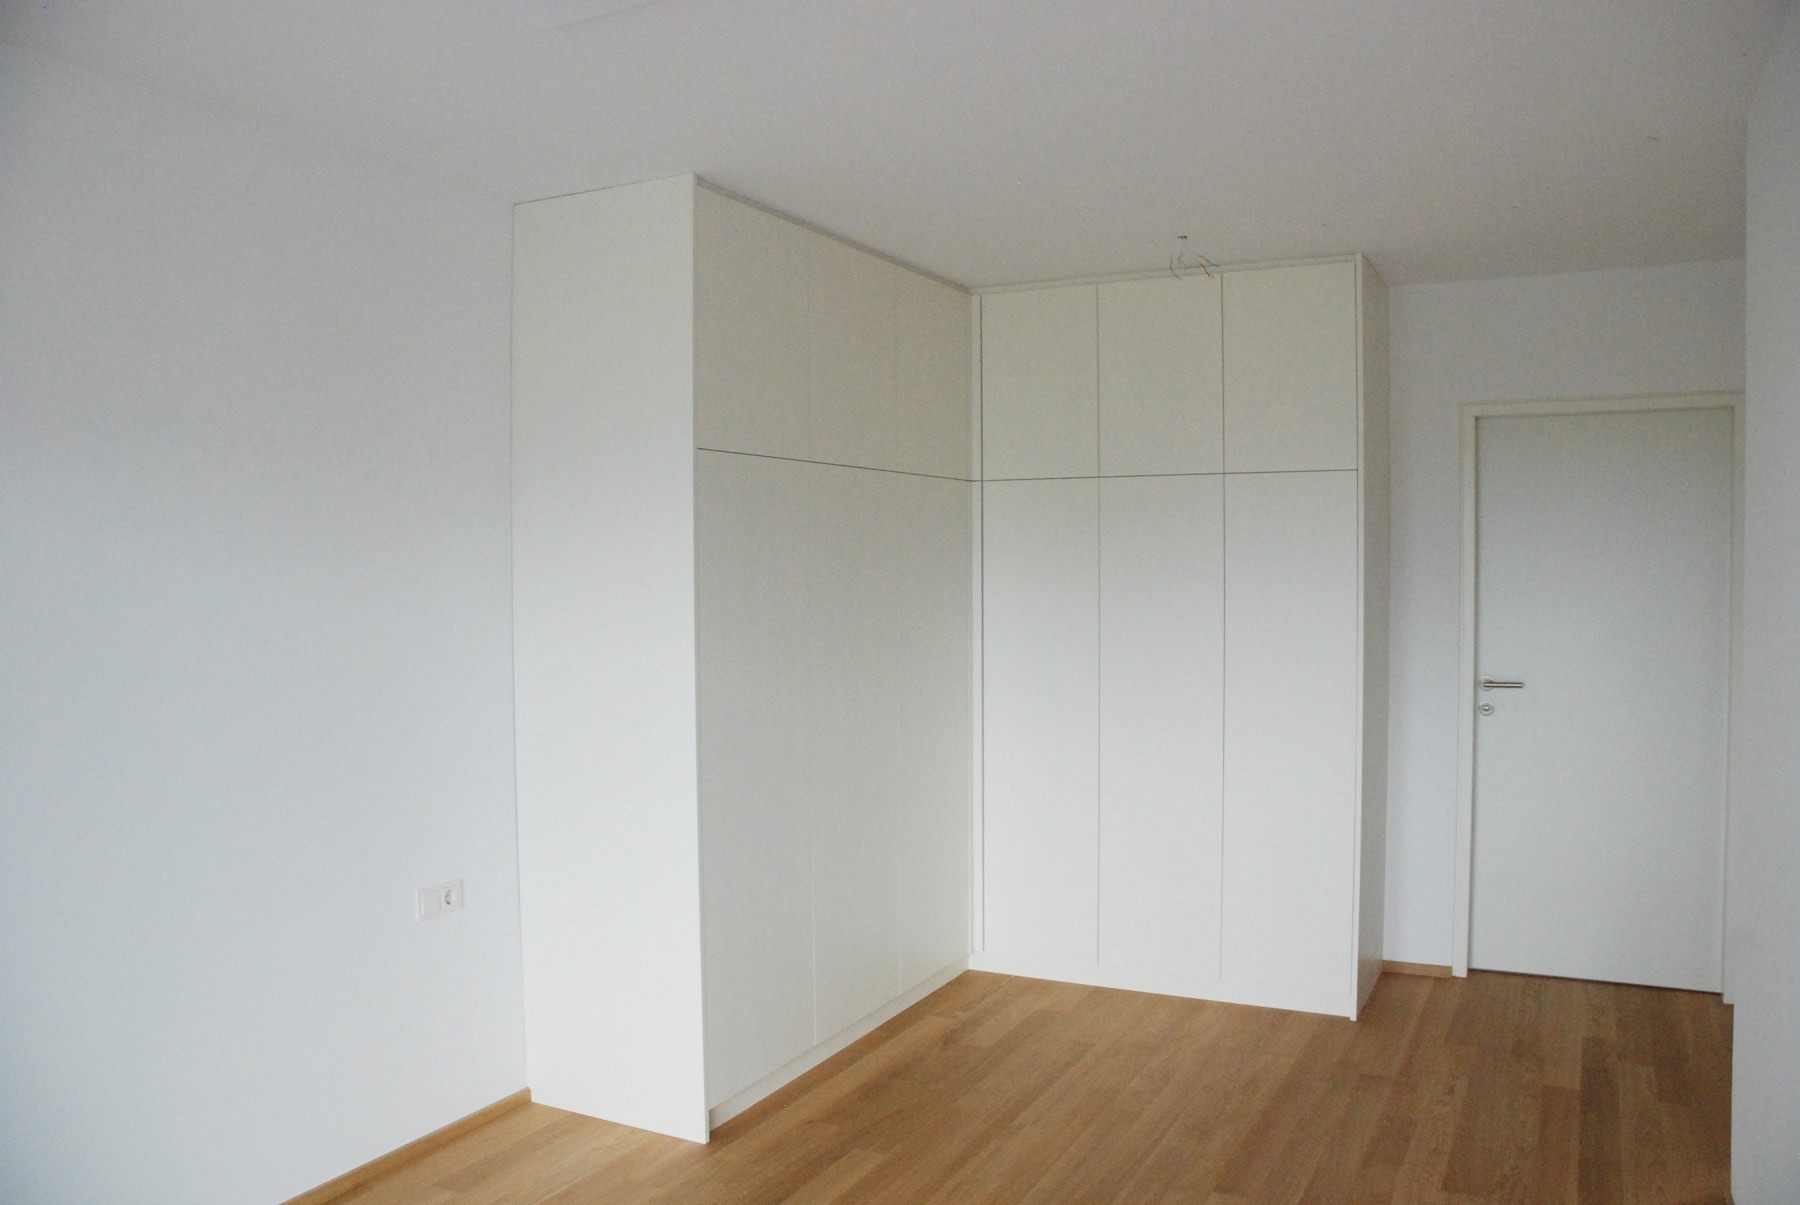 Schlafzimmer Eckschrank Weiss Lackiert Ohne Griffe - Eckschranke schlafzimmer